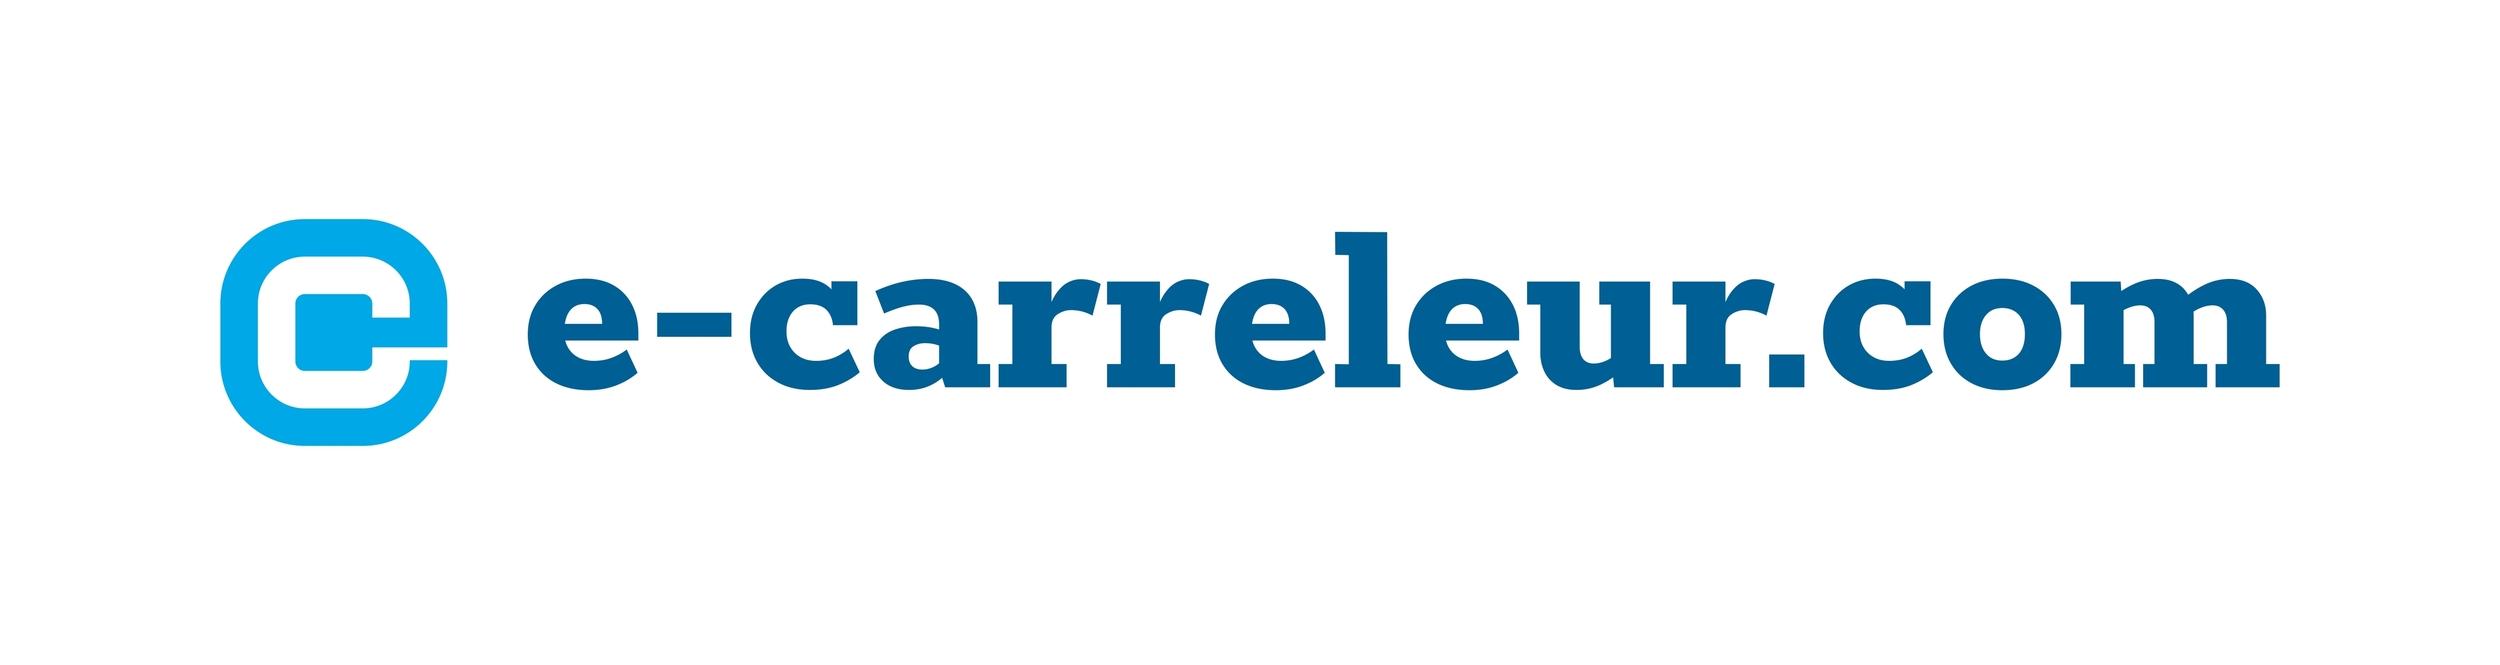 e-carreleur